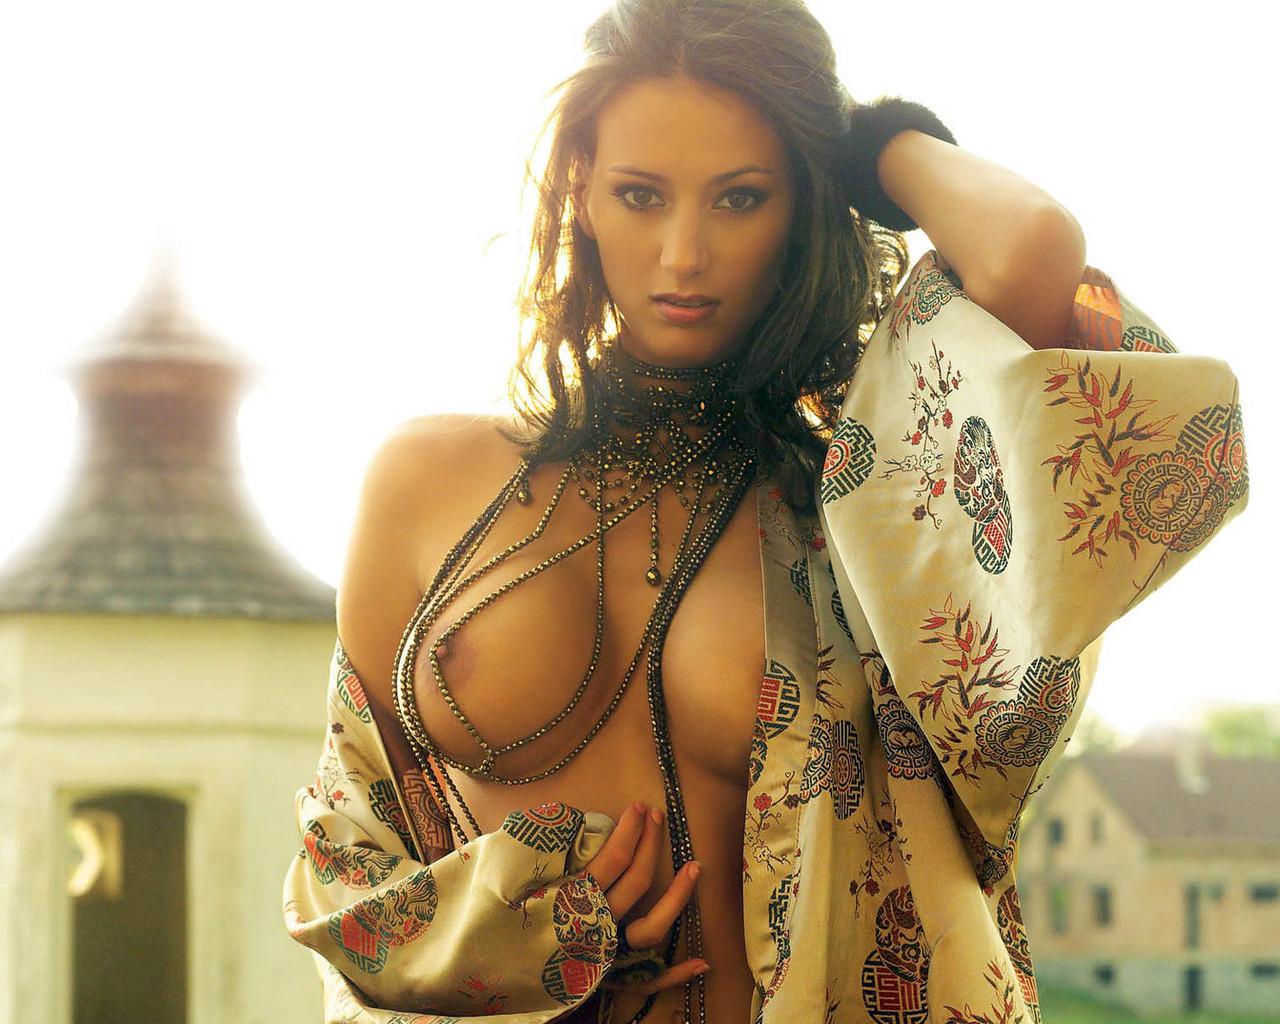 Самые сексуальные трахи фото 23 фотография